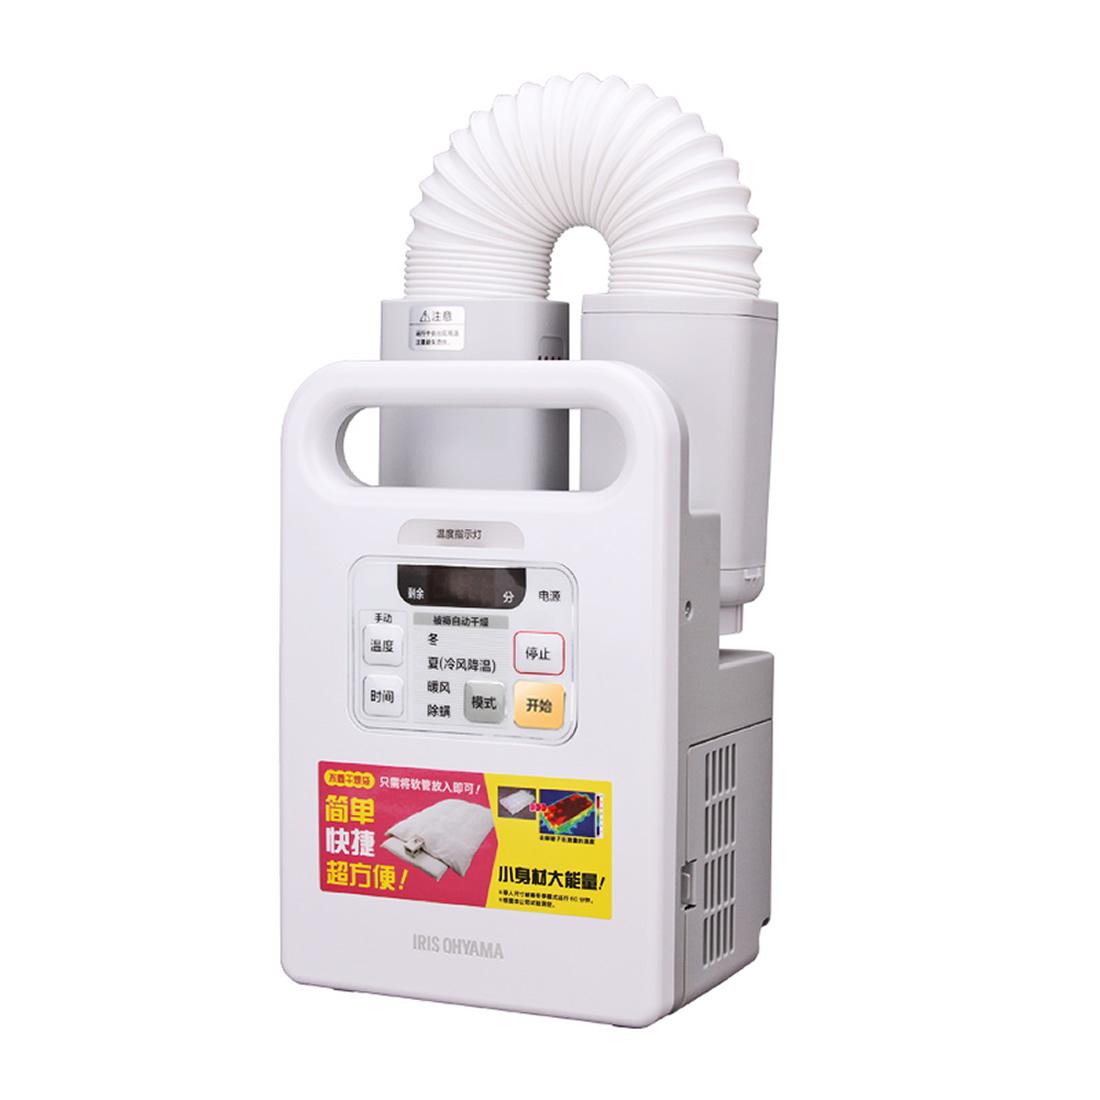 爱丽思 布团干燥机FK-C1C-WP 白色